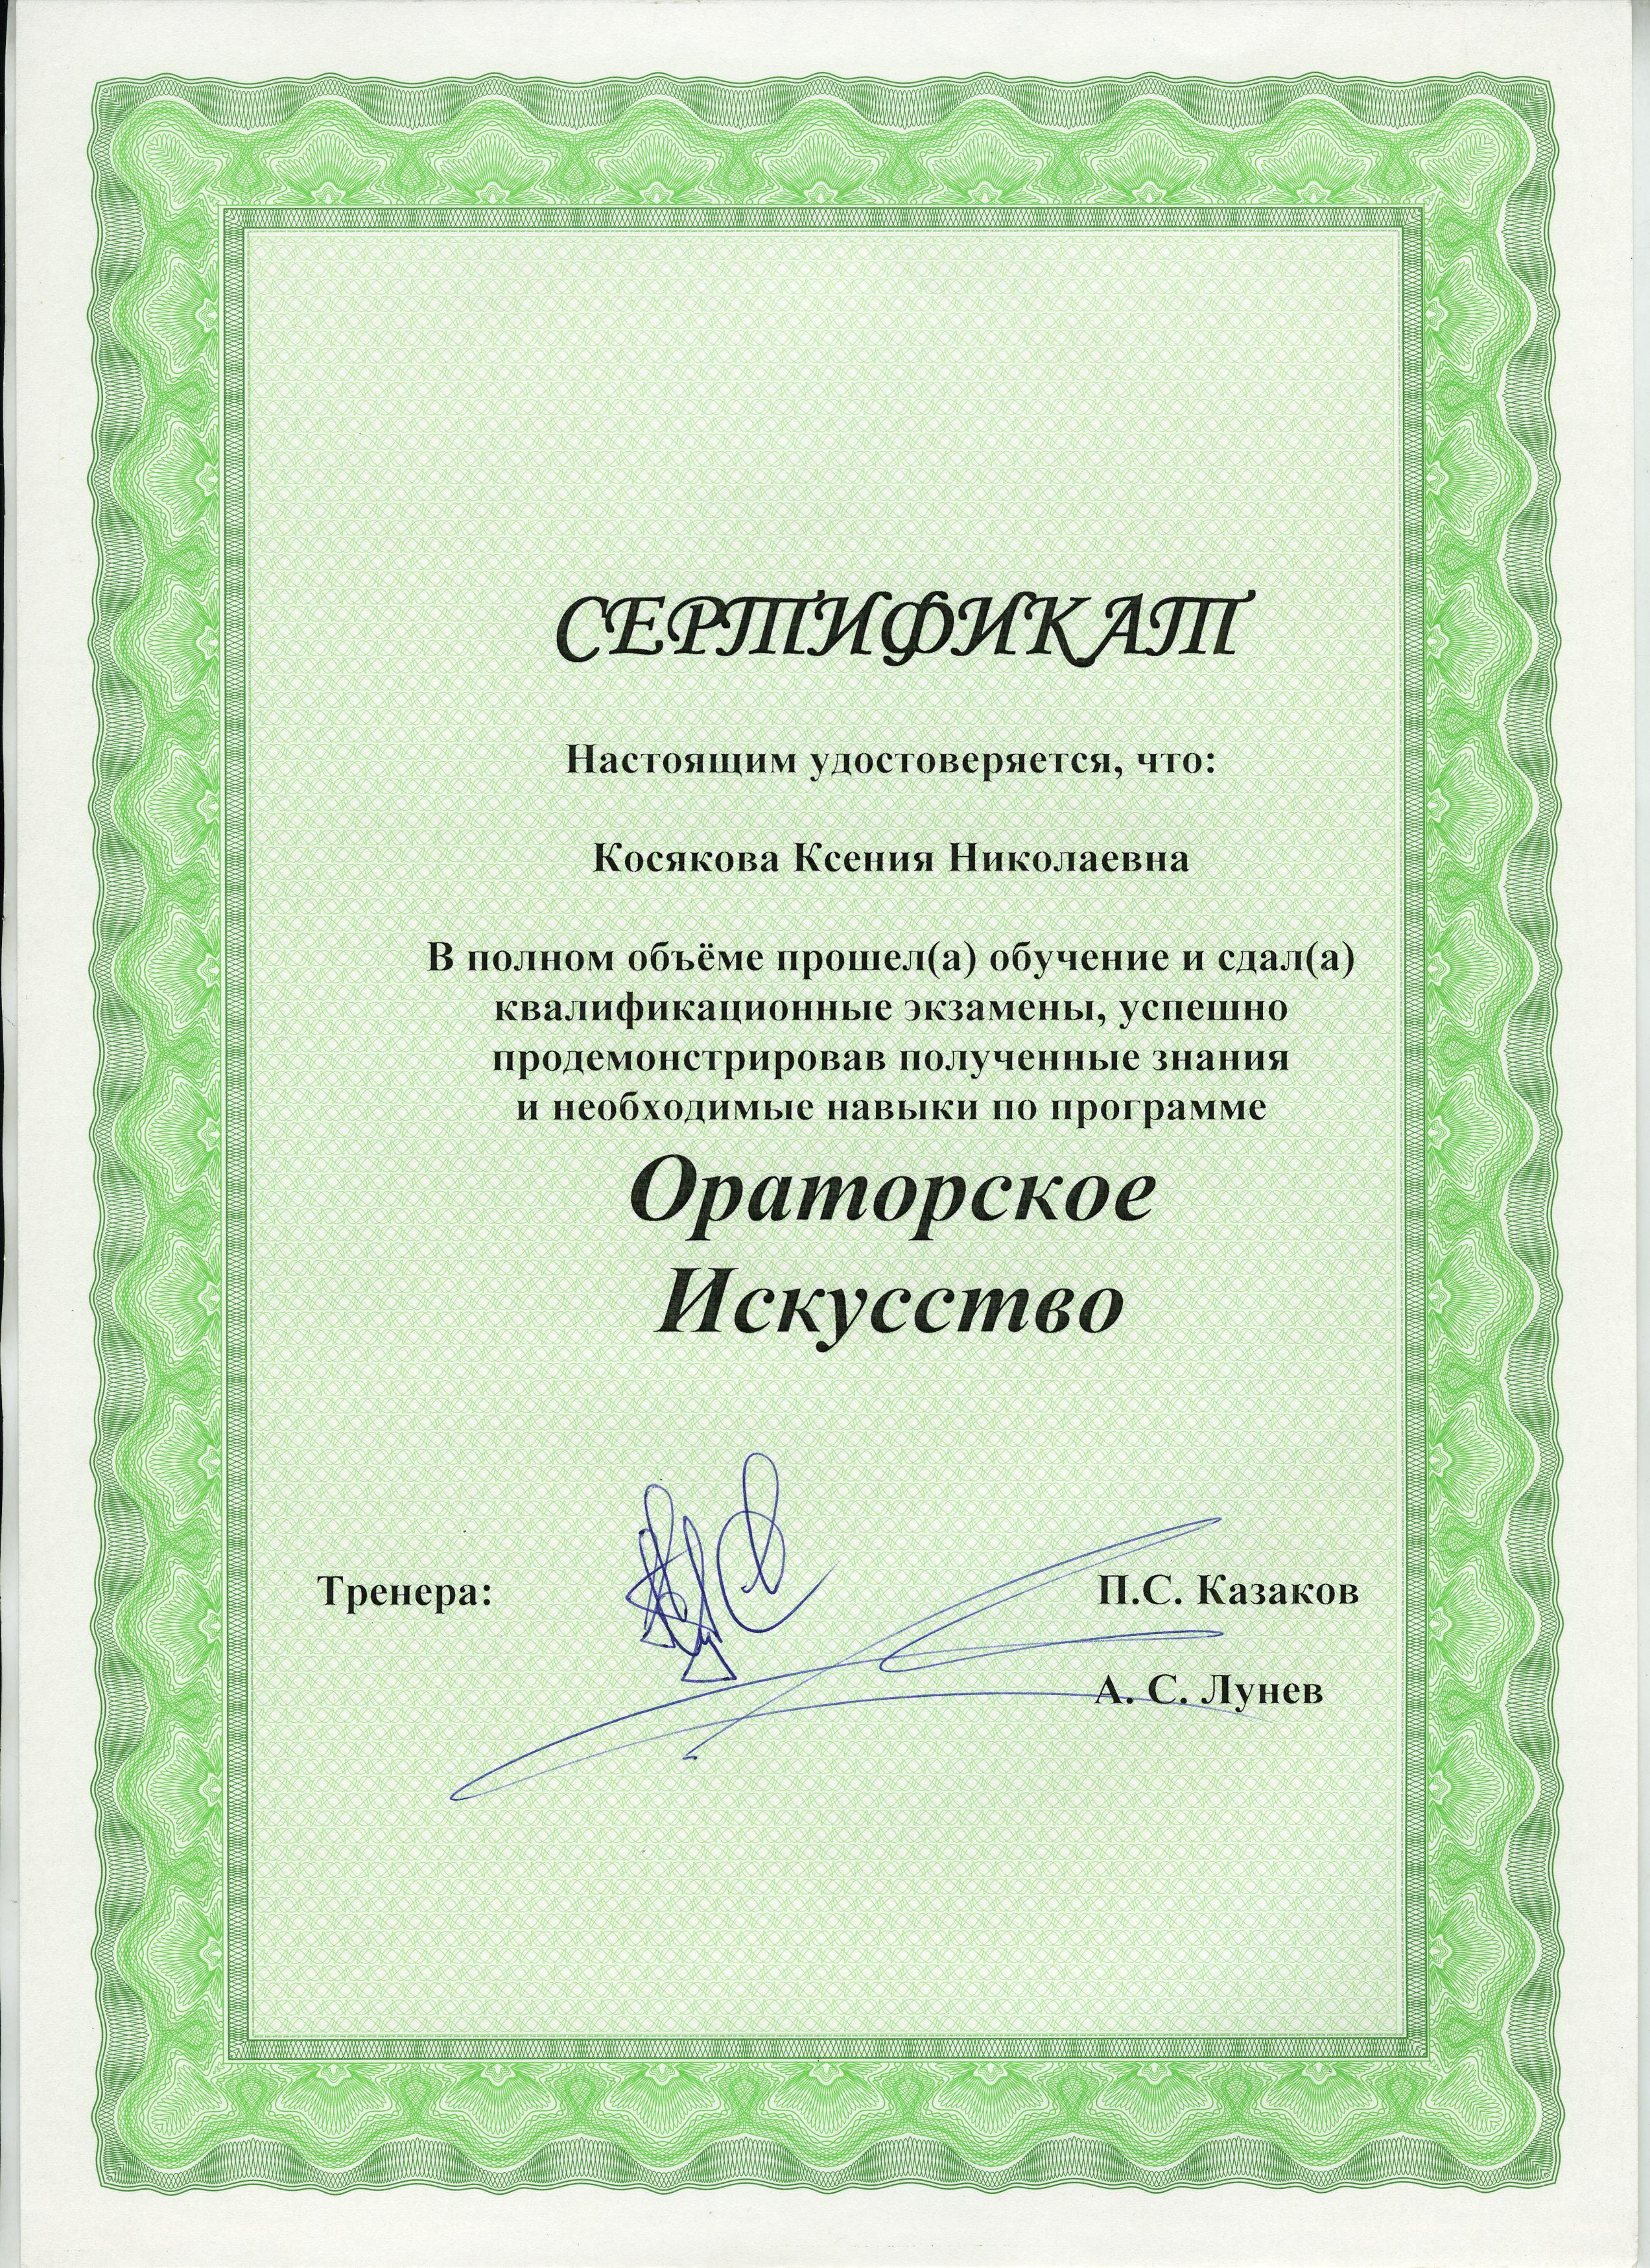 Сертификаты Ксении Шварц 7